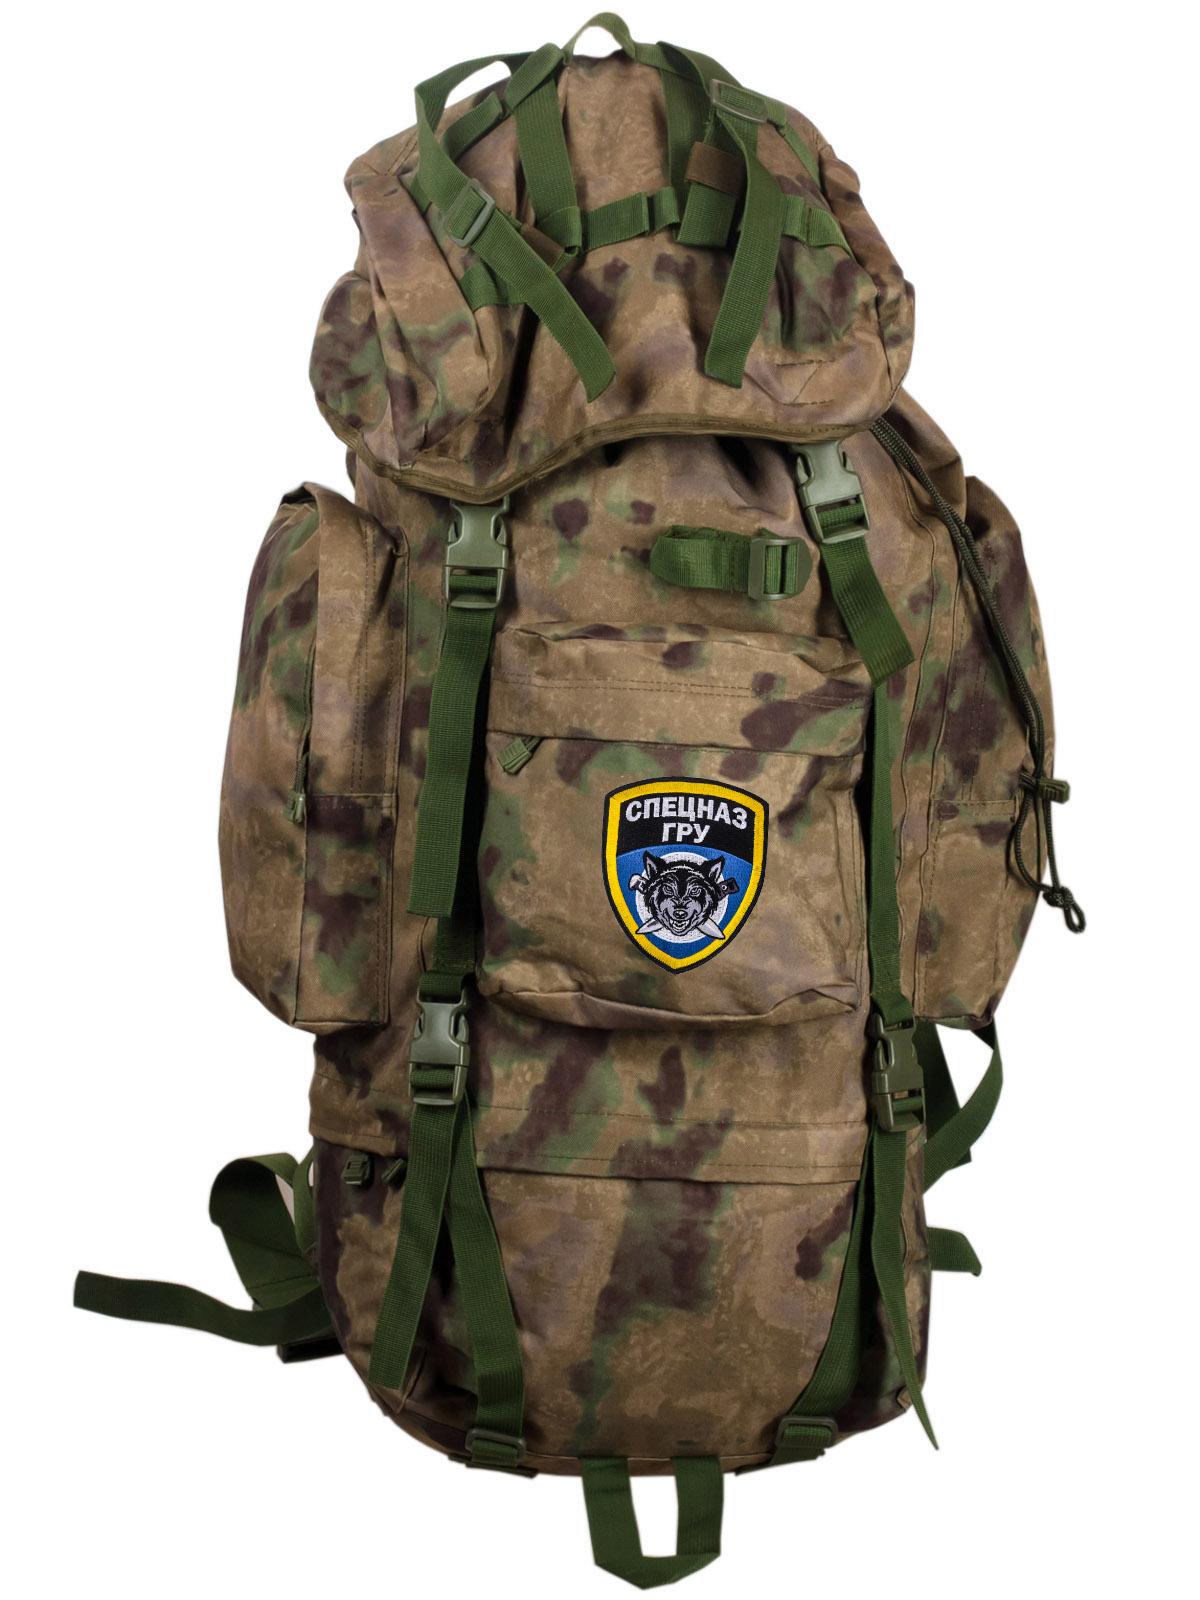 Купить в интернет магазине Военпро рейдовый рюкзак Спецназа ГРУ